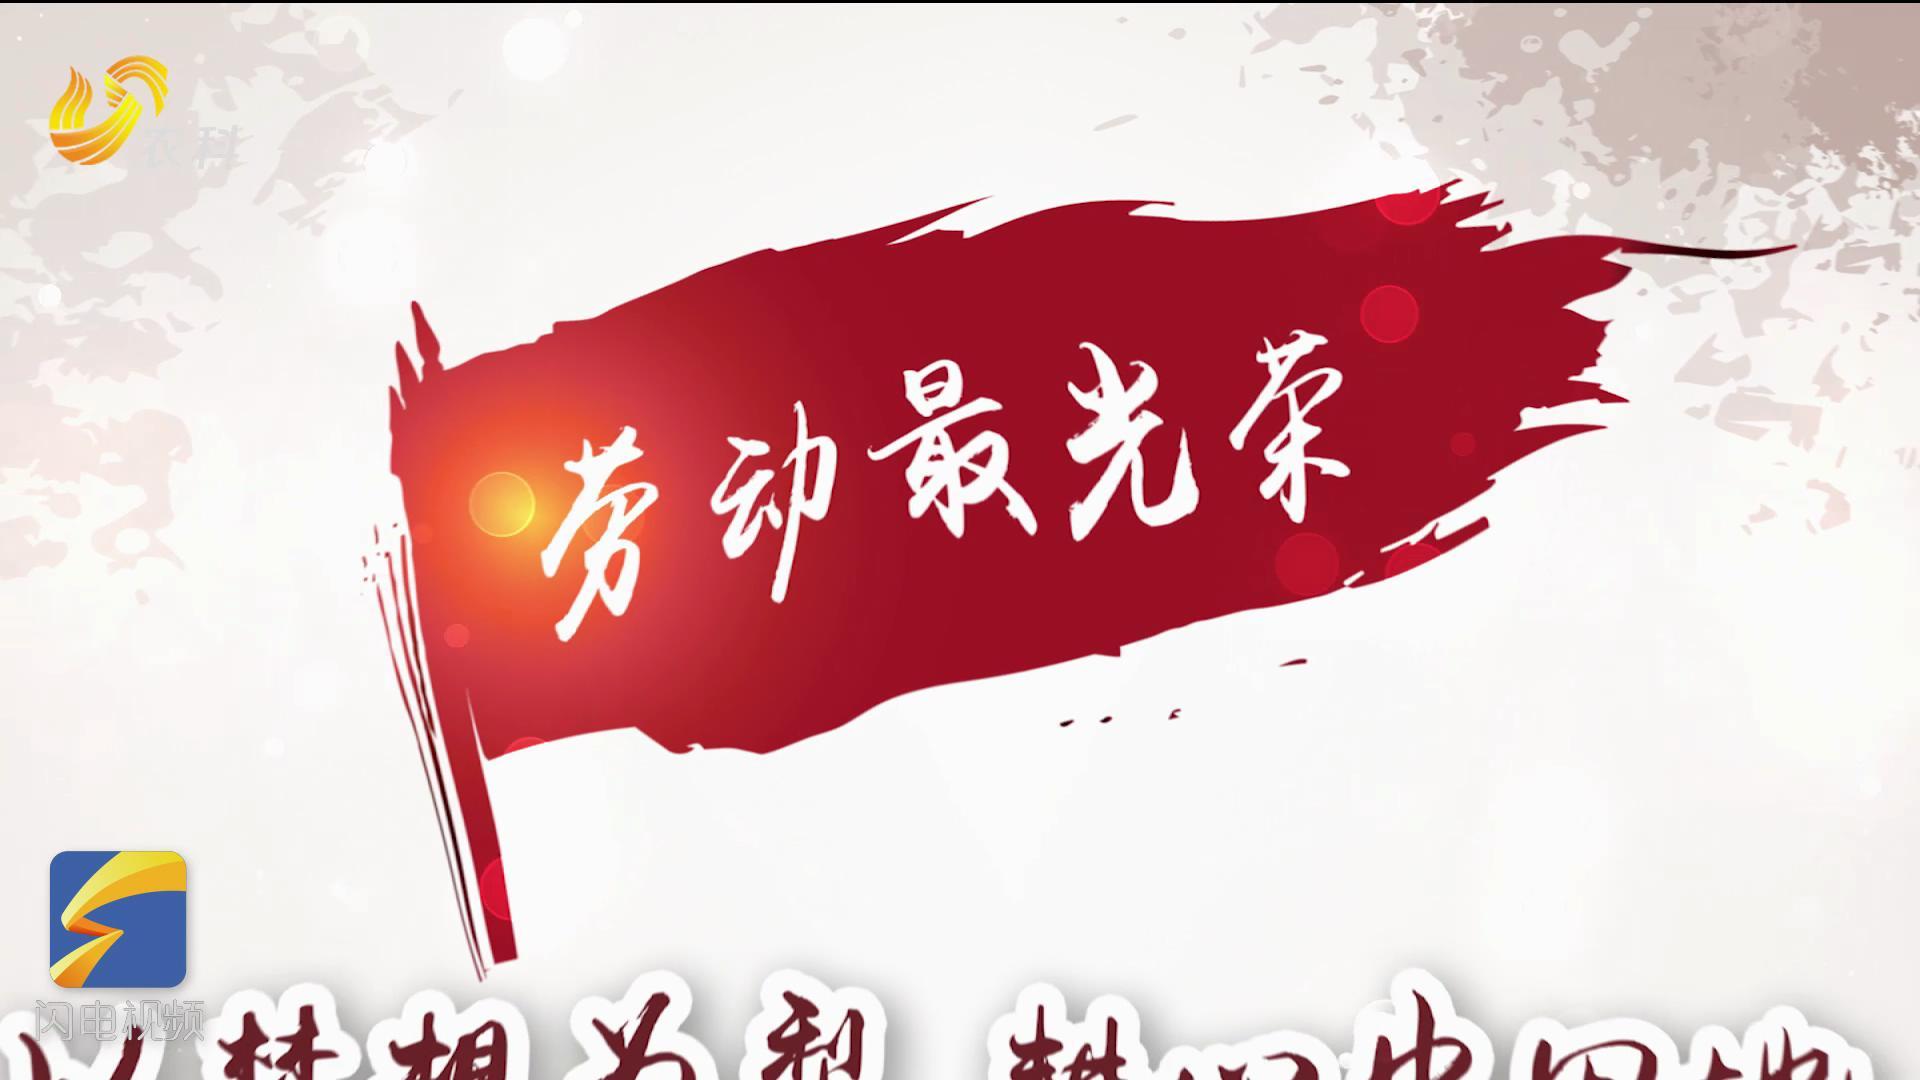 致敬!五一勞動節宣傳片暖心上線